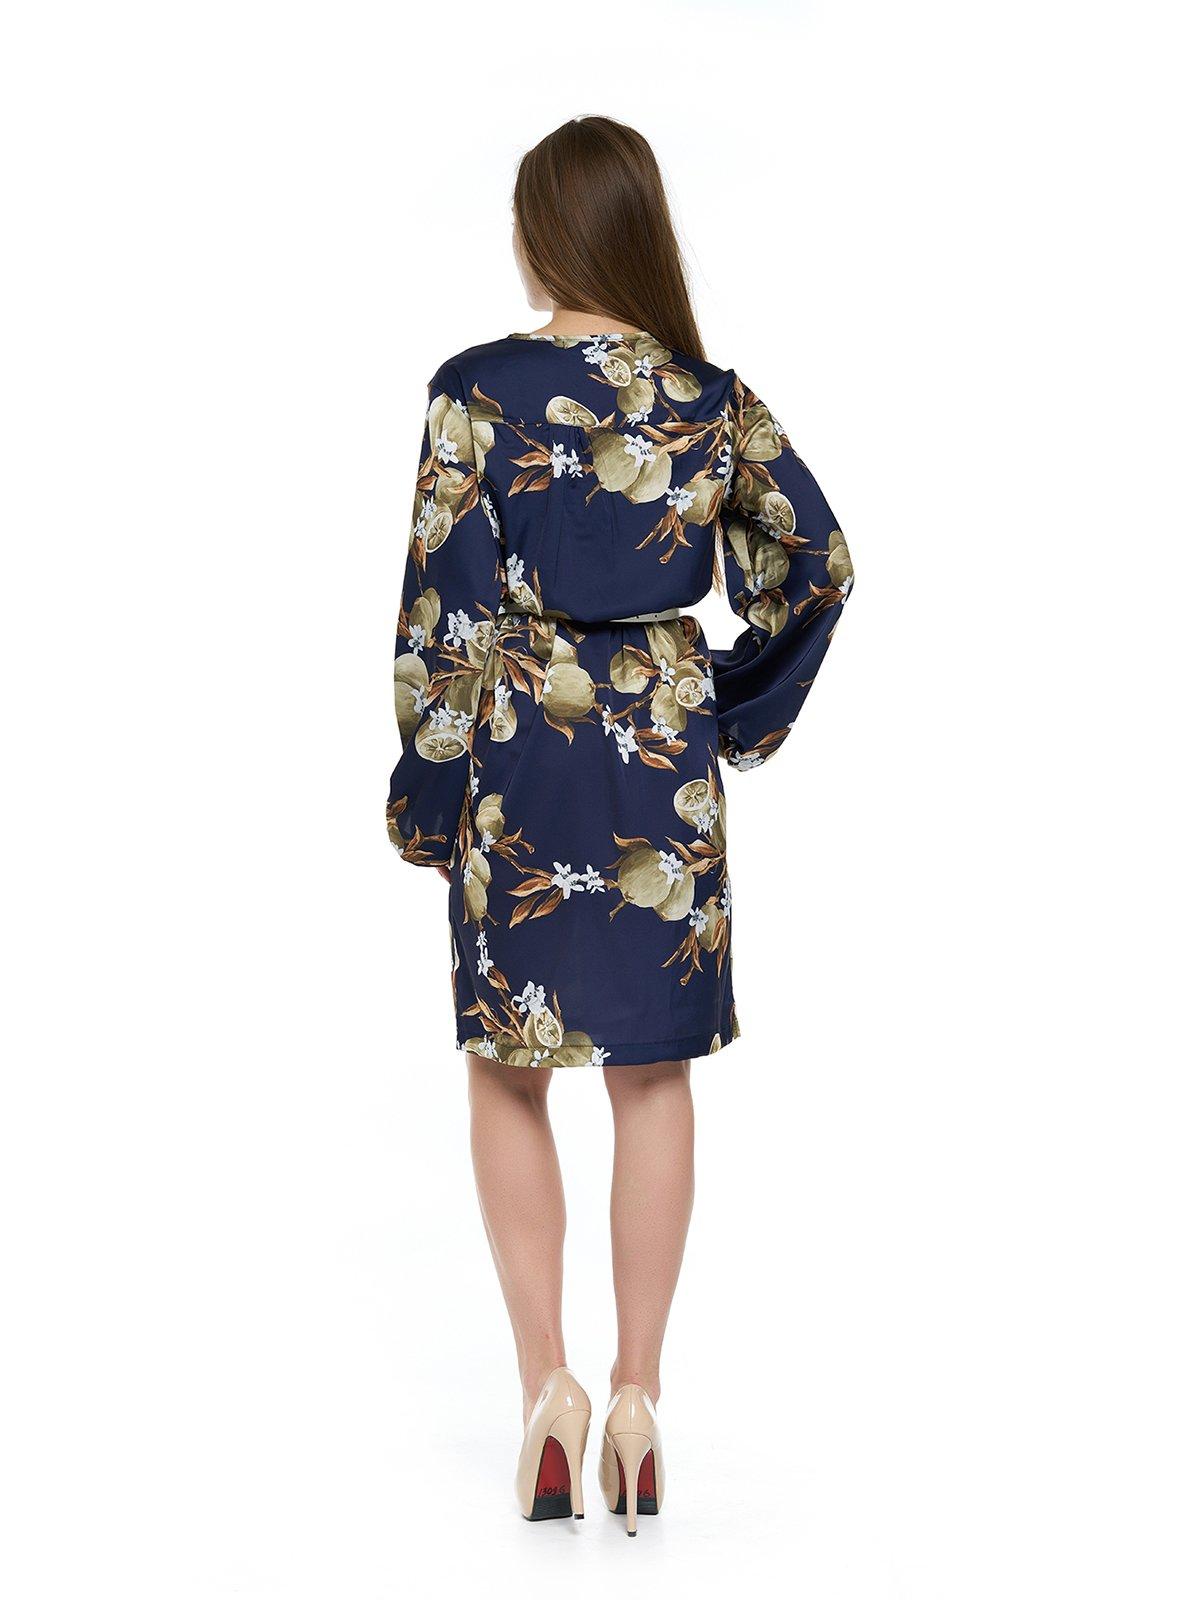 Платье темно-синее с принтом   3264132   фото 2